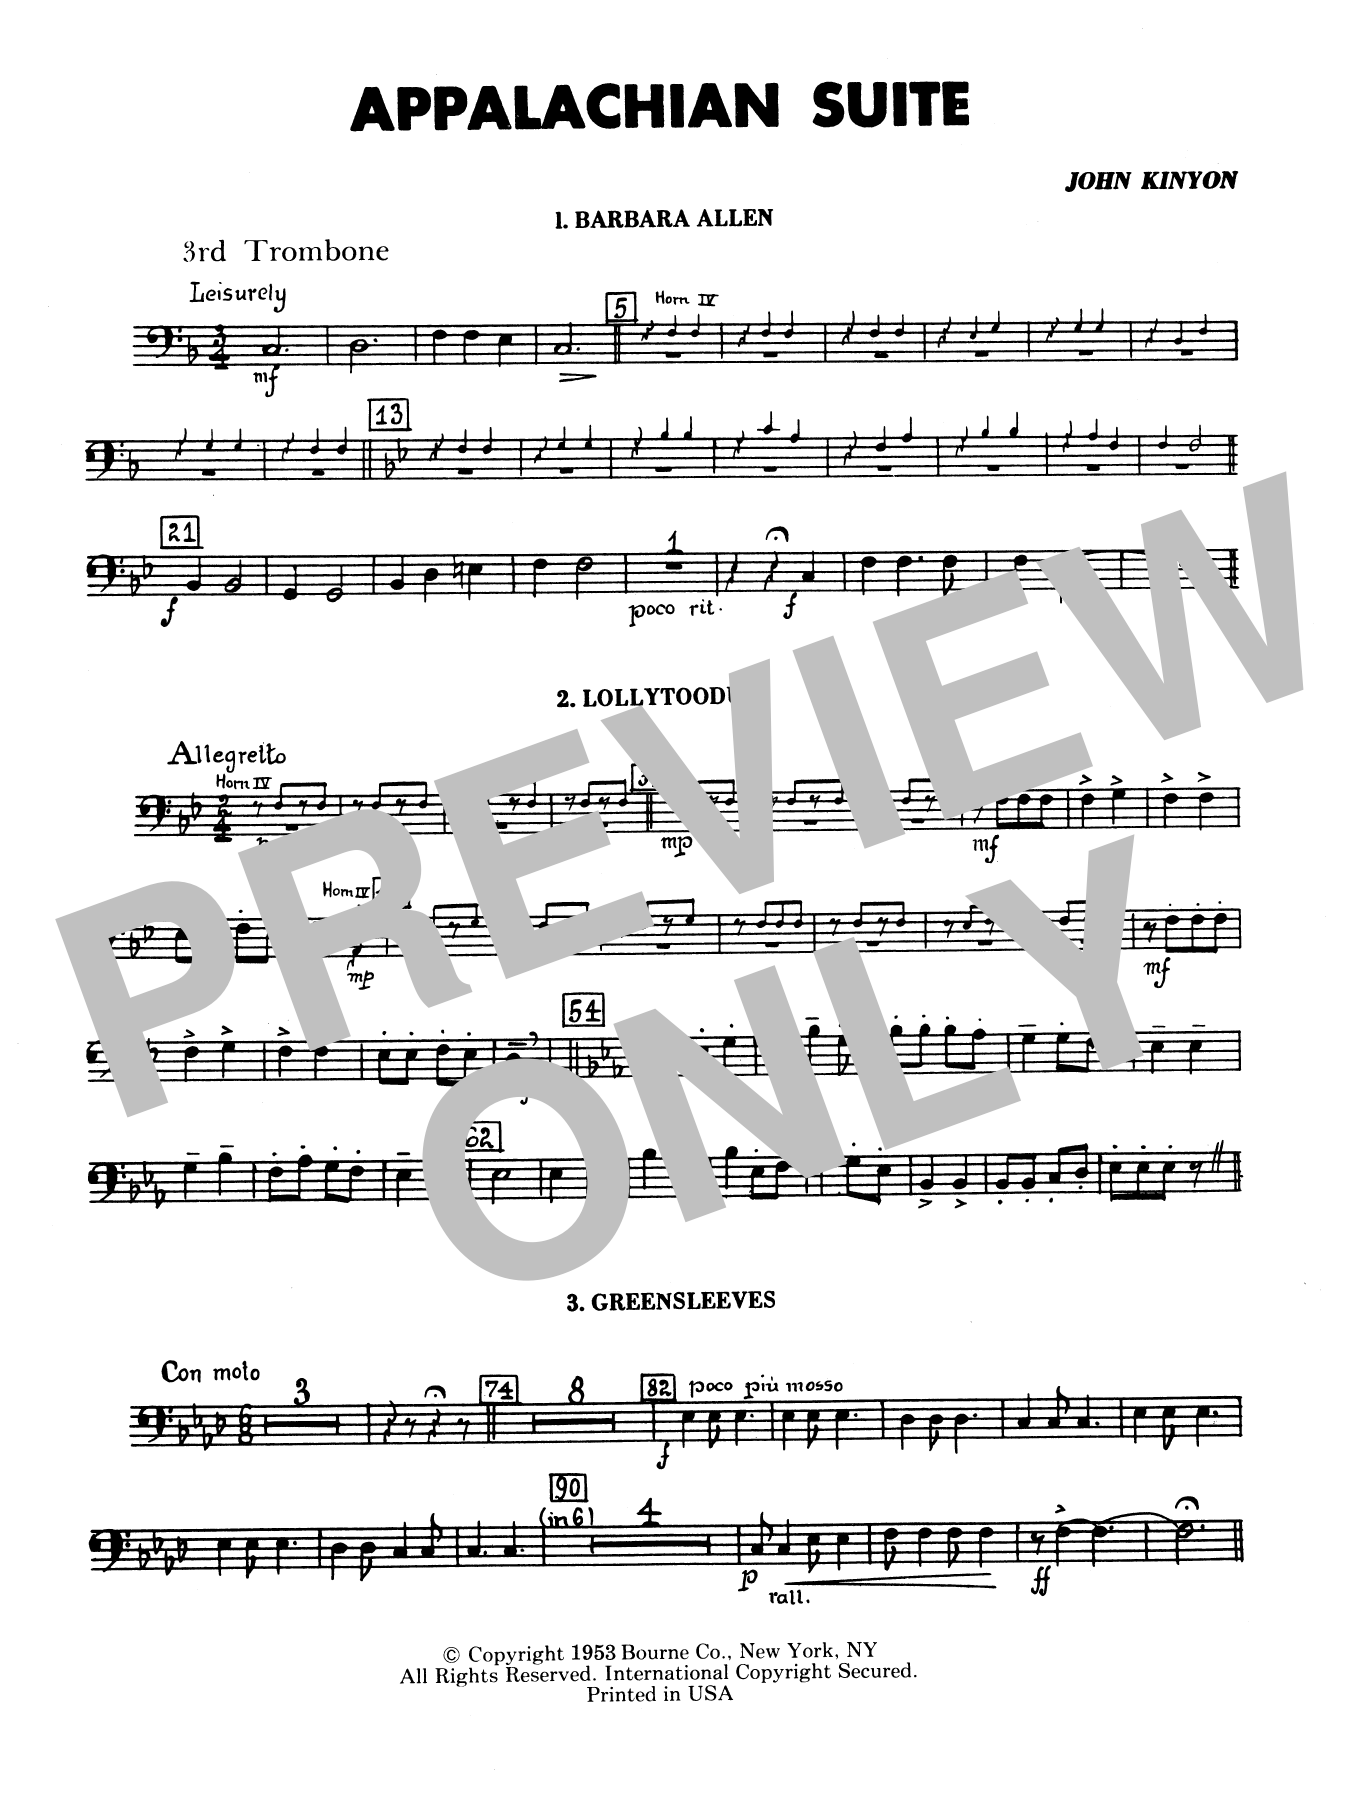 Appalachian Suite - 3rd Trombone